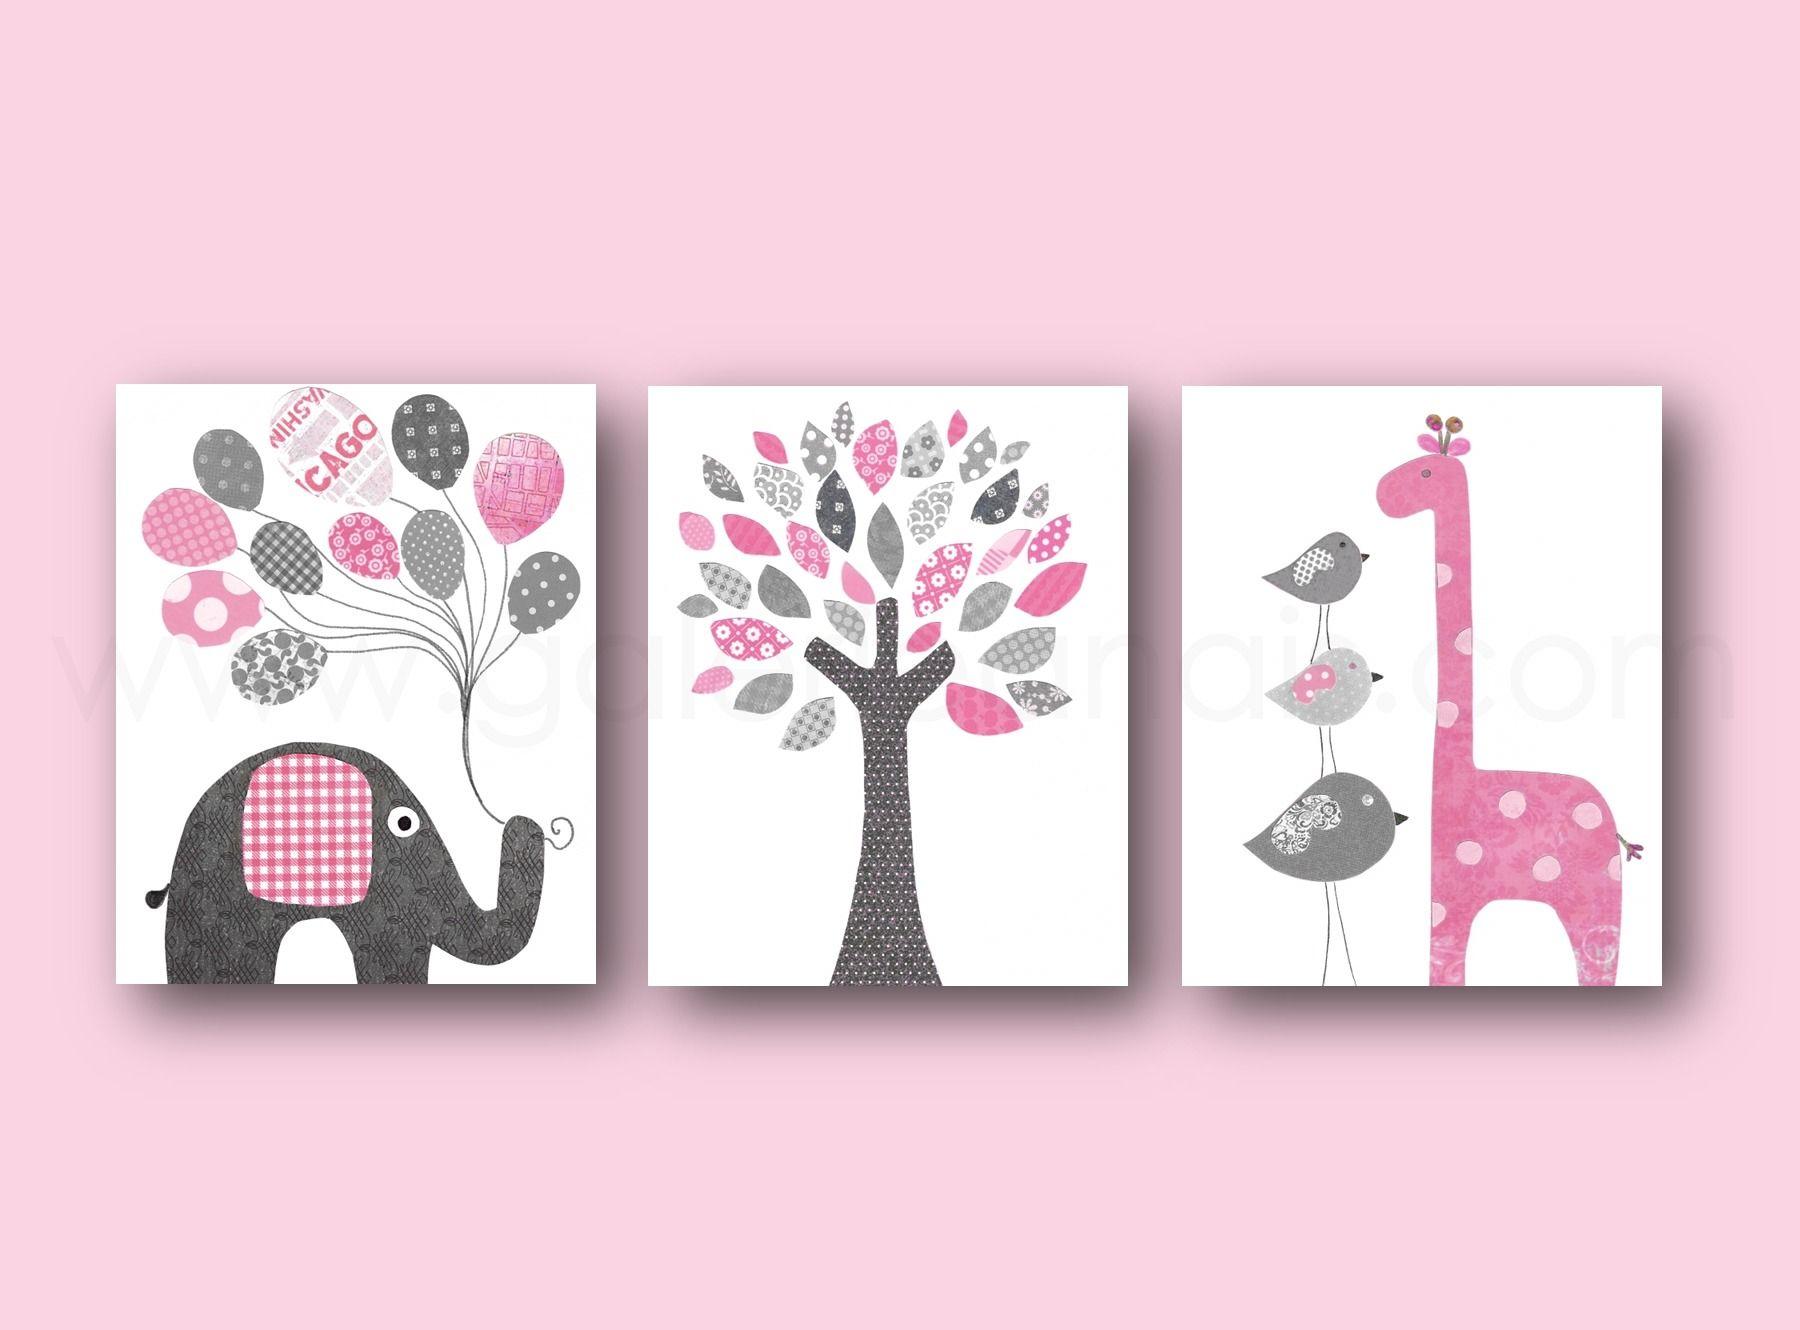 Lot de 3 illustrations 30x40cm pour chambre d 39 enfant et bebe art decor rose et gris art - Cadre pour chambre enfant ...